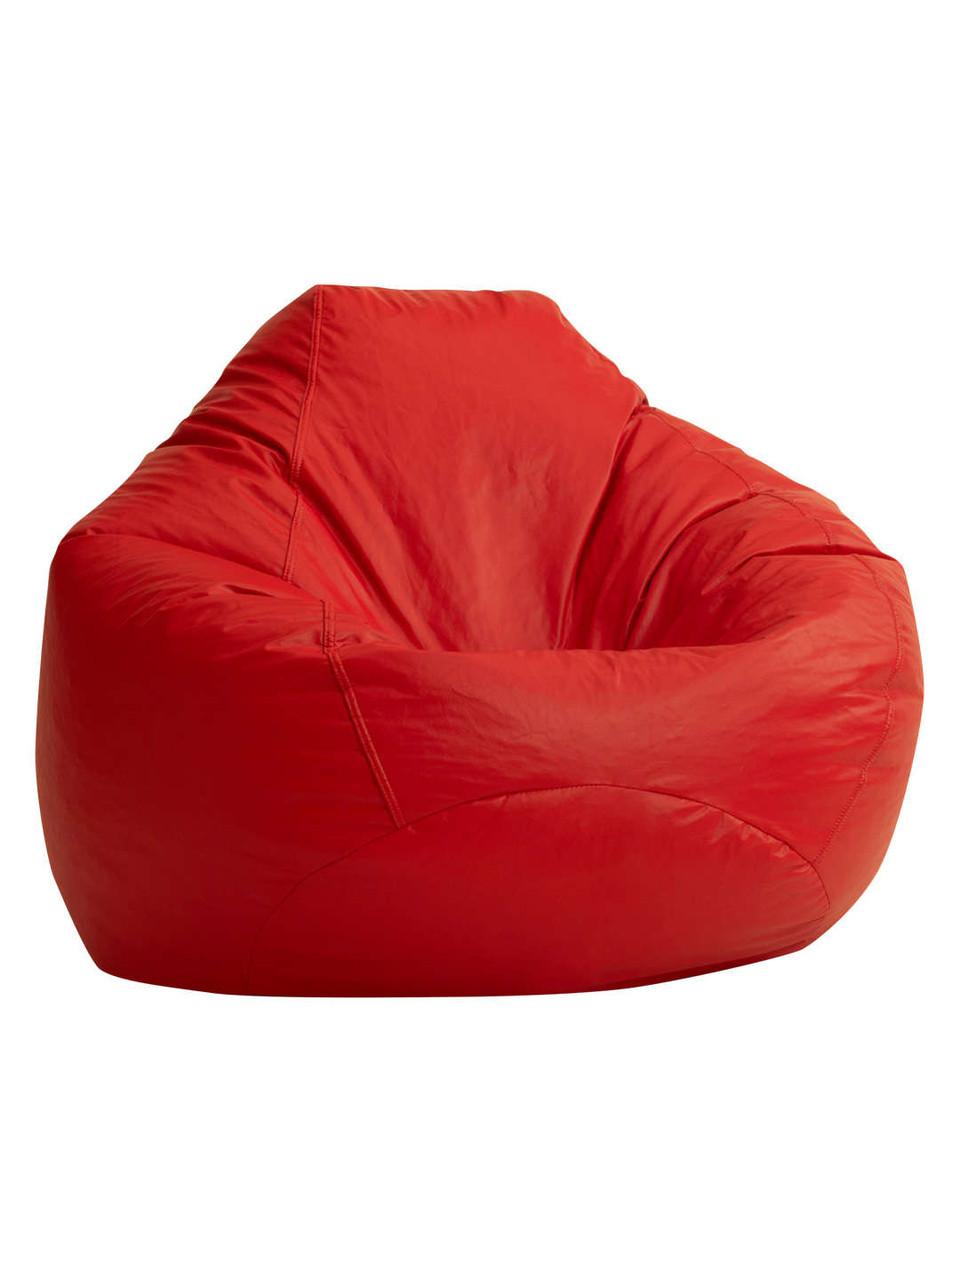 Кресло-Овал/Оксфорд/Красный/90х130 см/С дополнительным чехлом